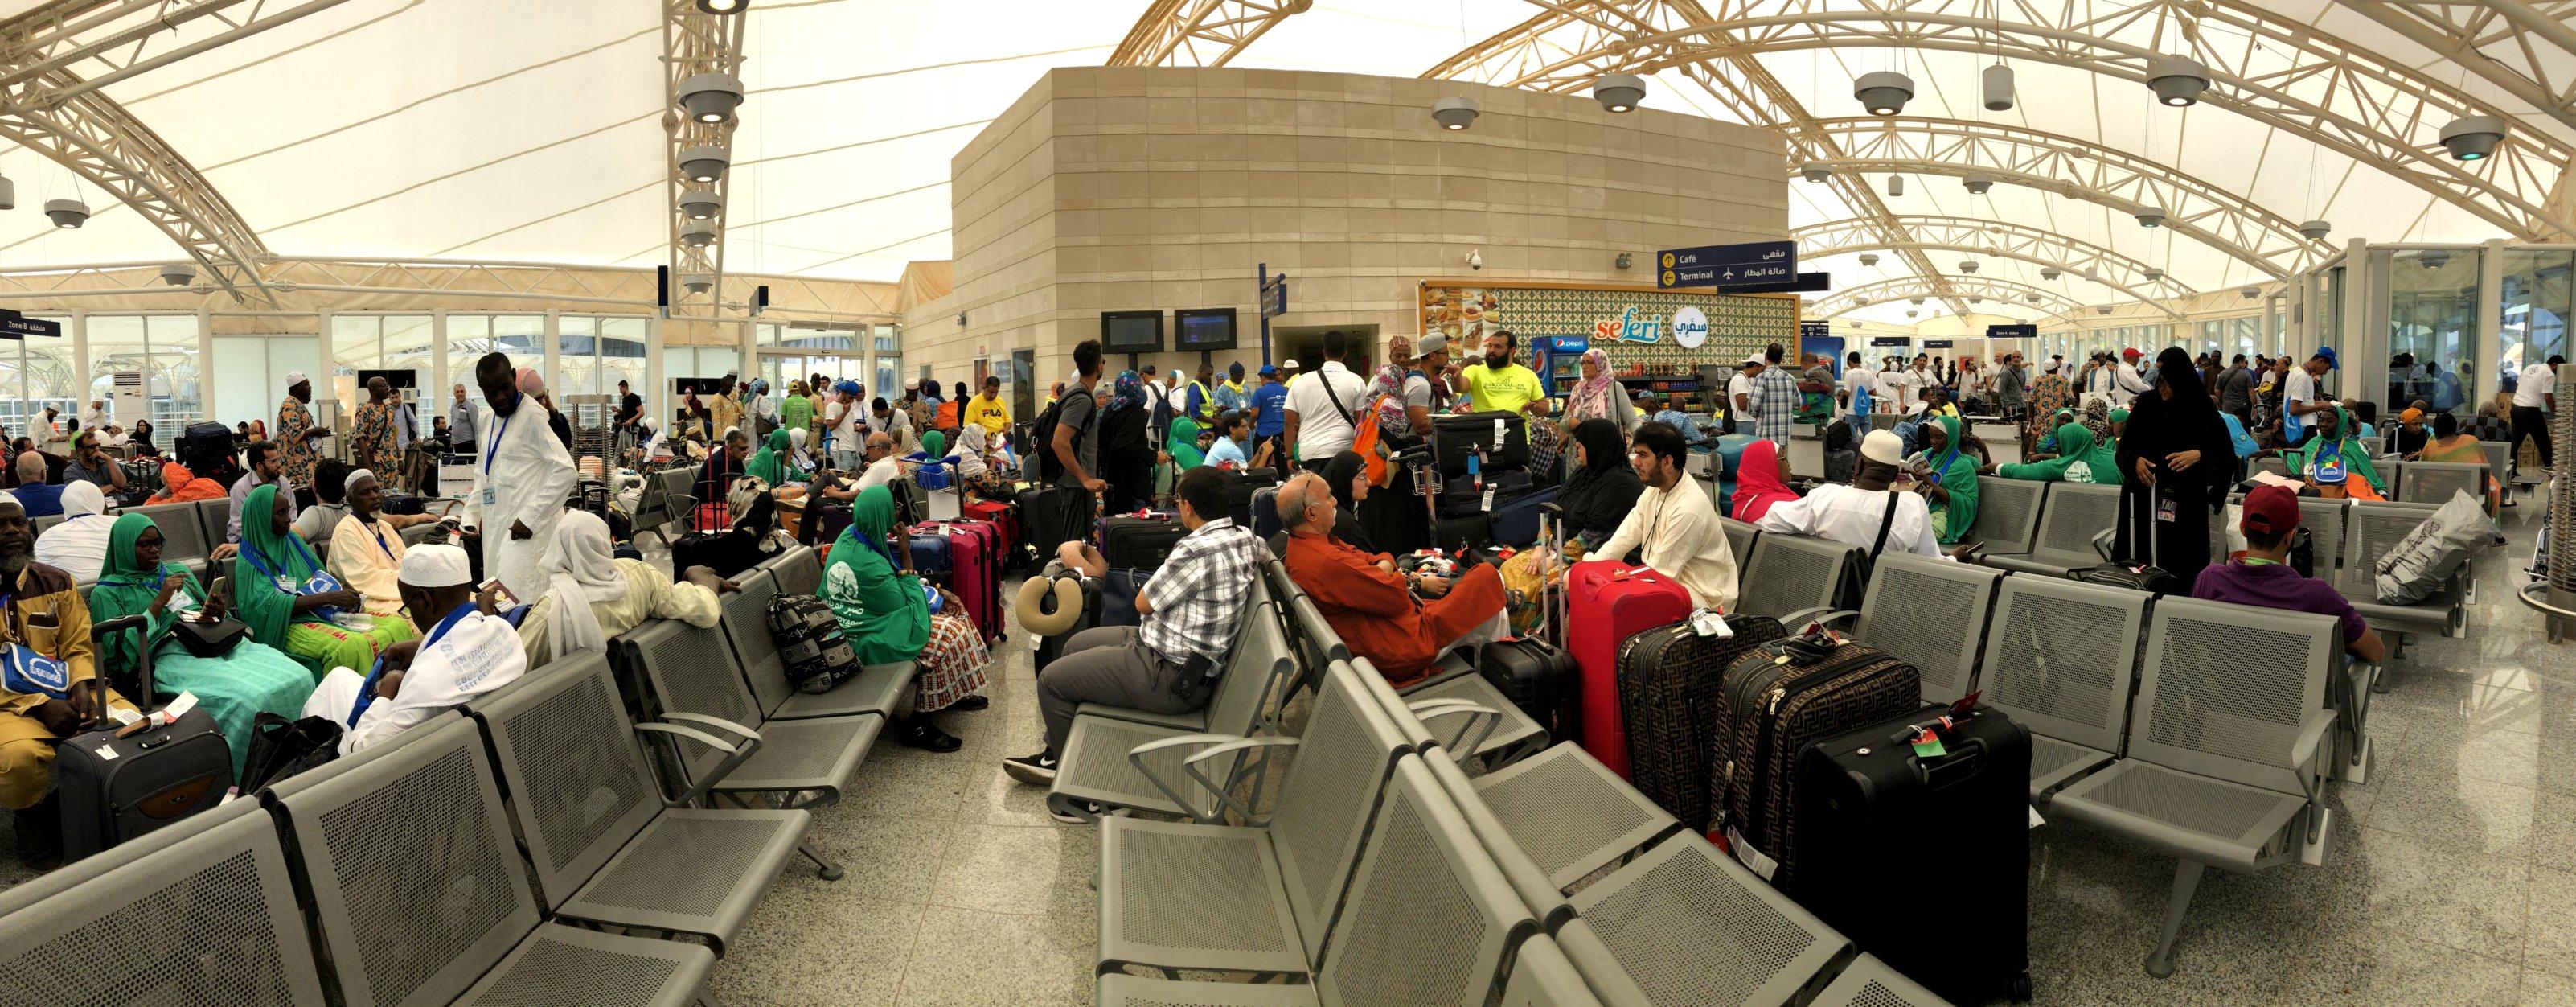 medina_airport